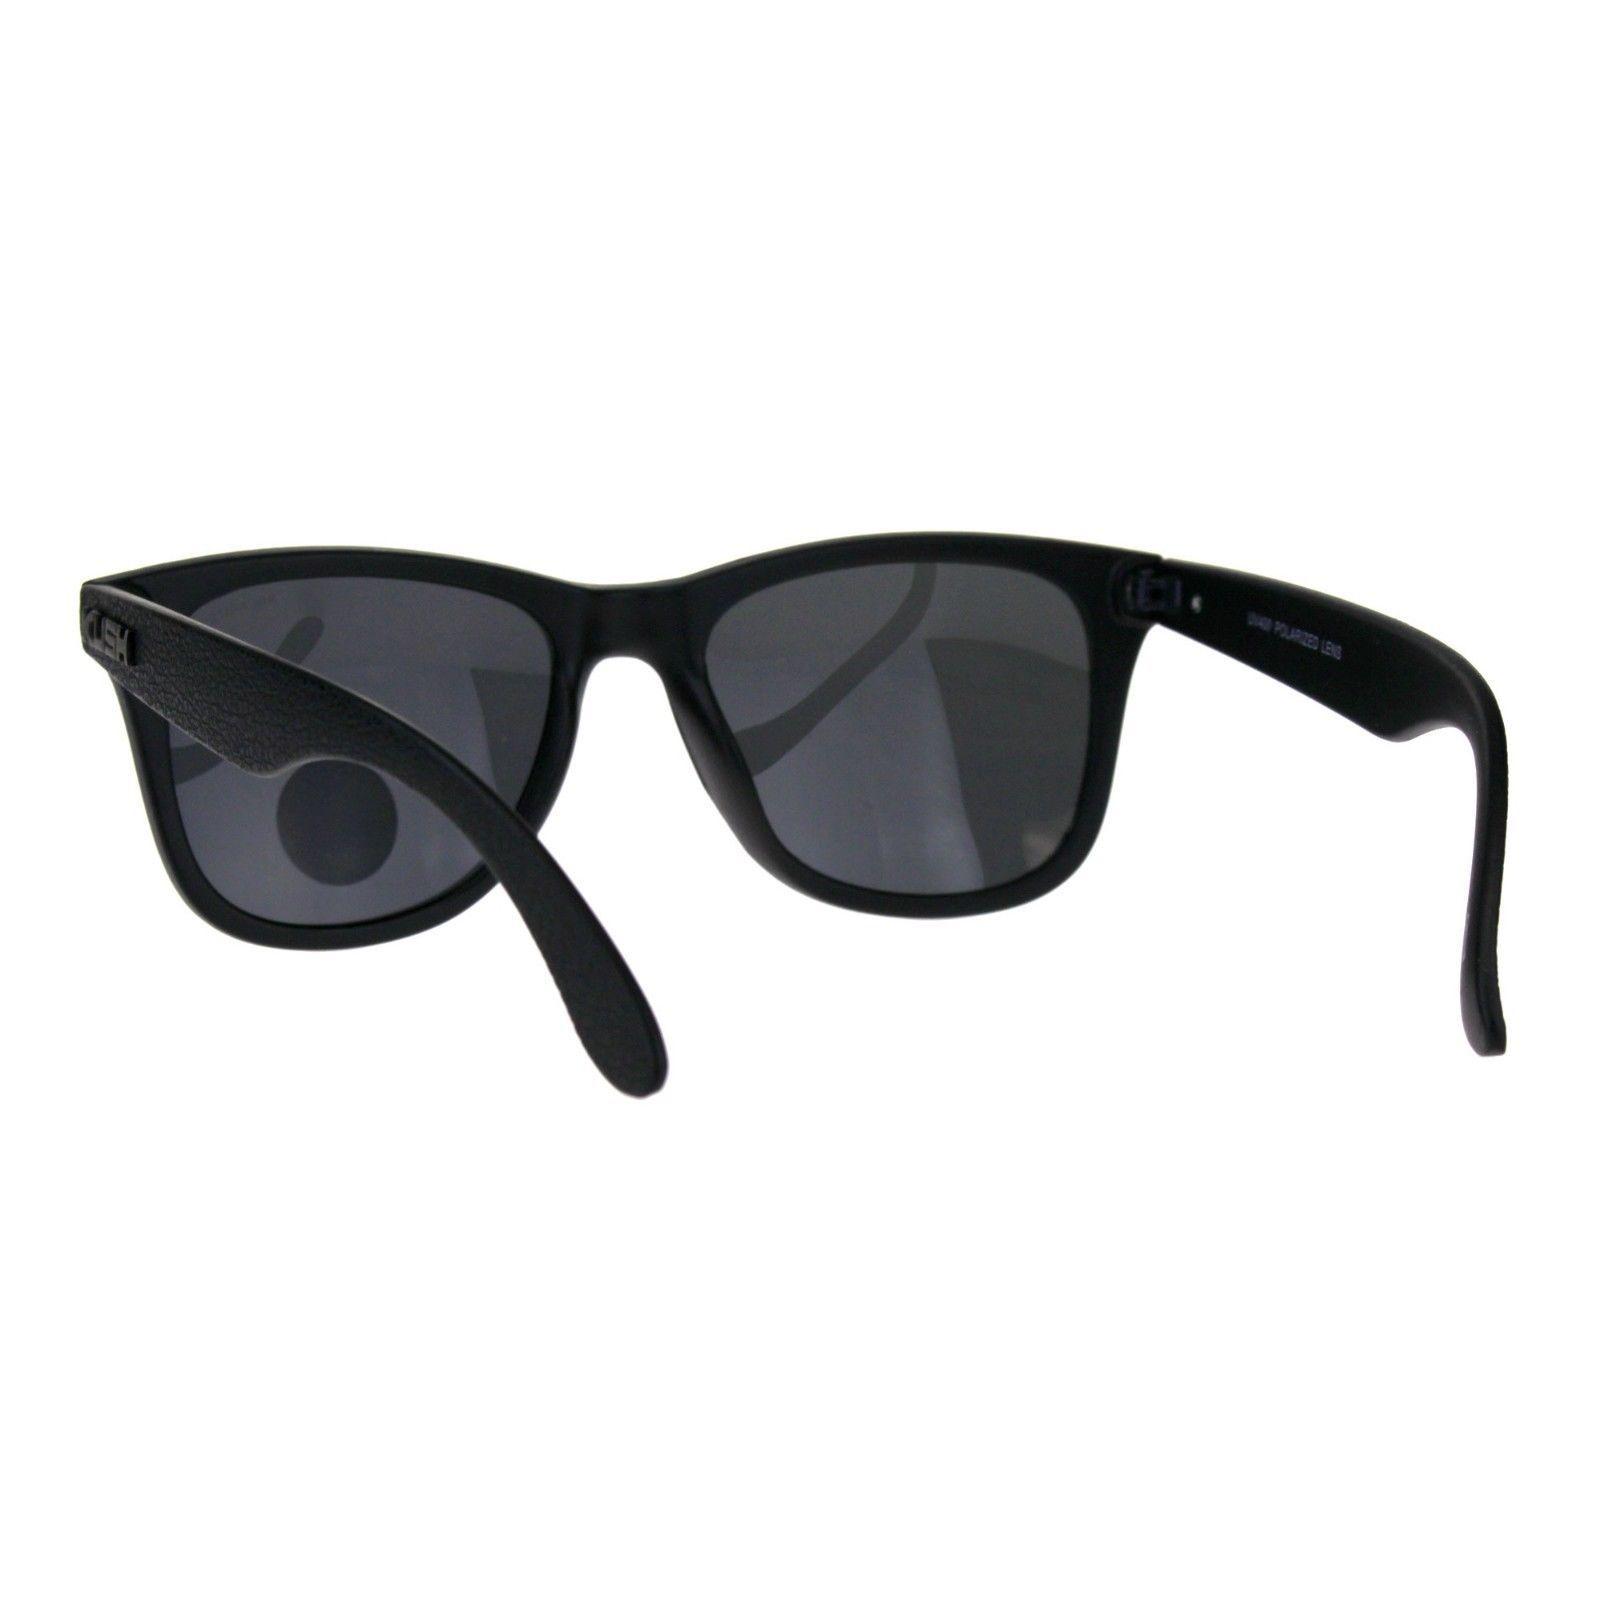 Polarized Lens Kush Sunglasses Textured Matte Black Classic Square Frame